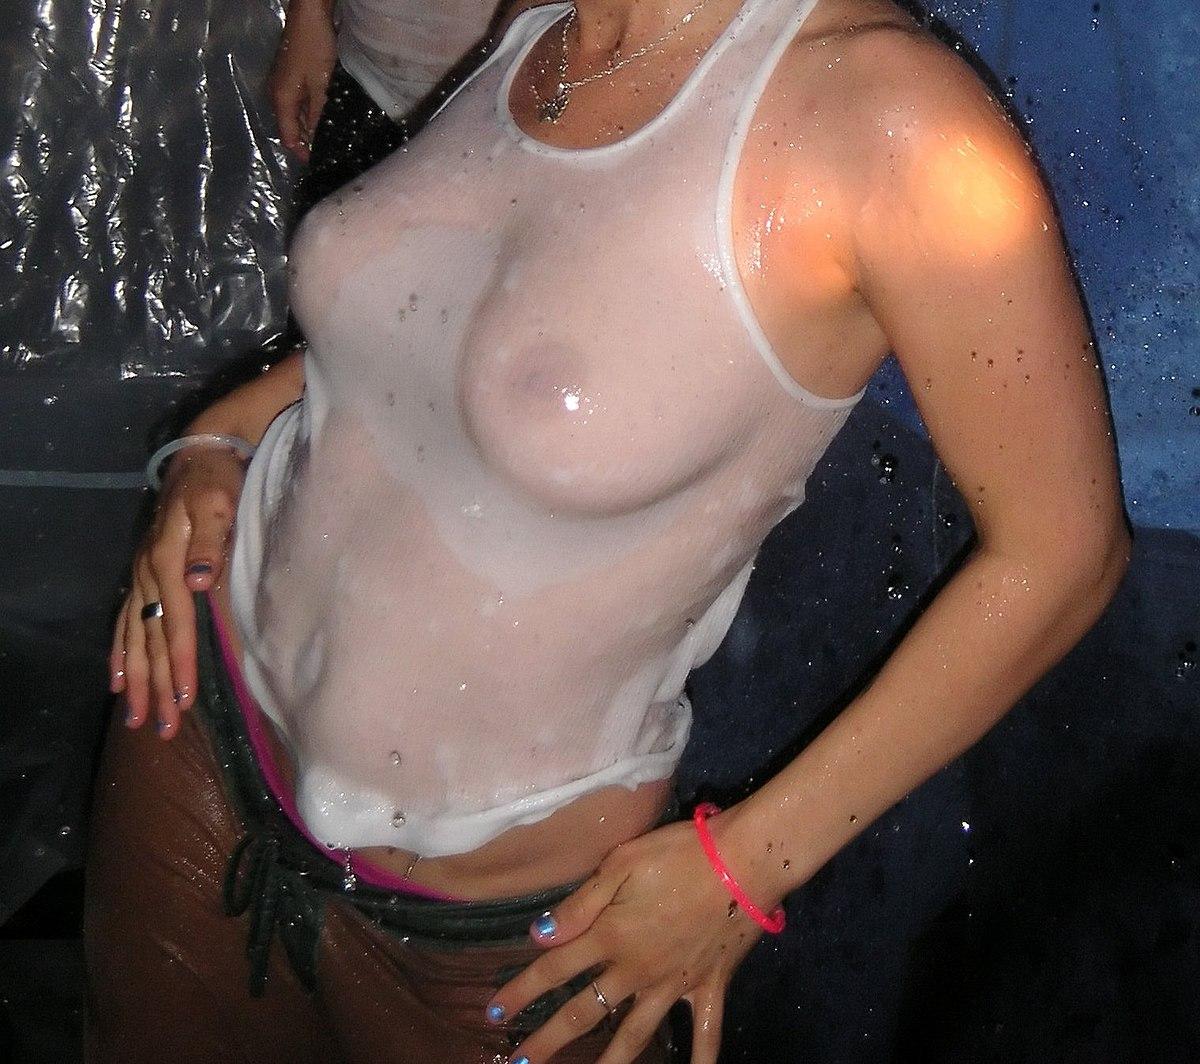 сиськи под мокрыми и холодными футболками без лифчика обратил внимание